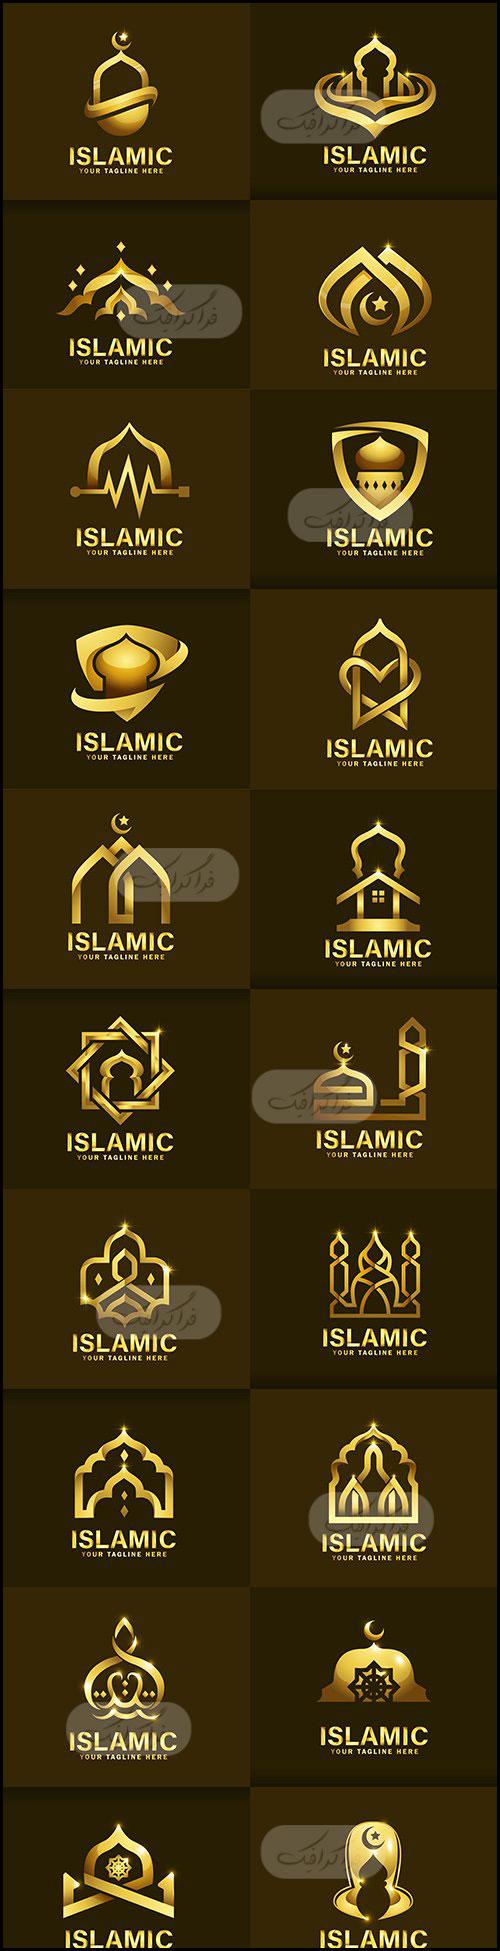 دانلود لوگو های طلایی مسجد